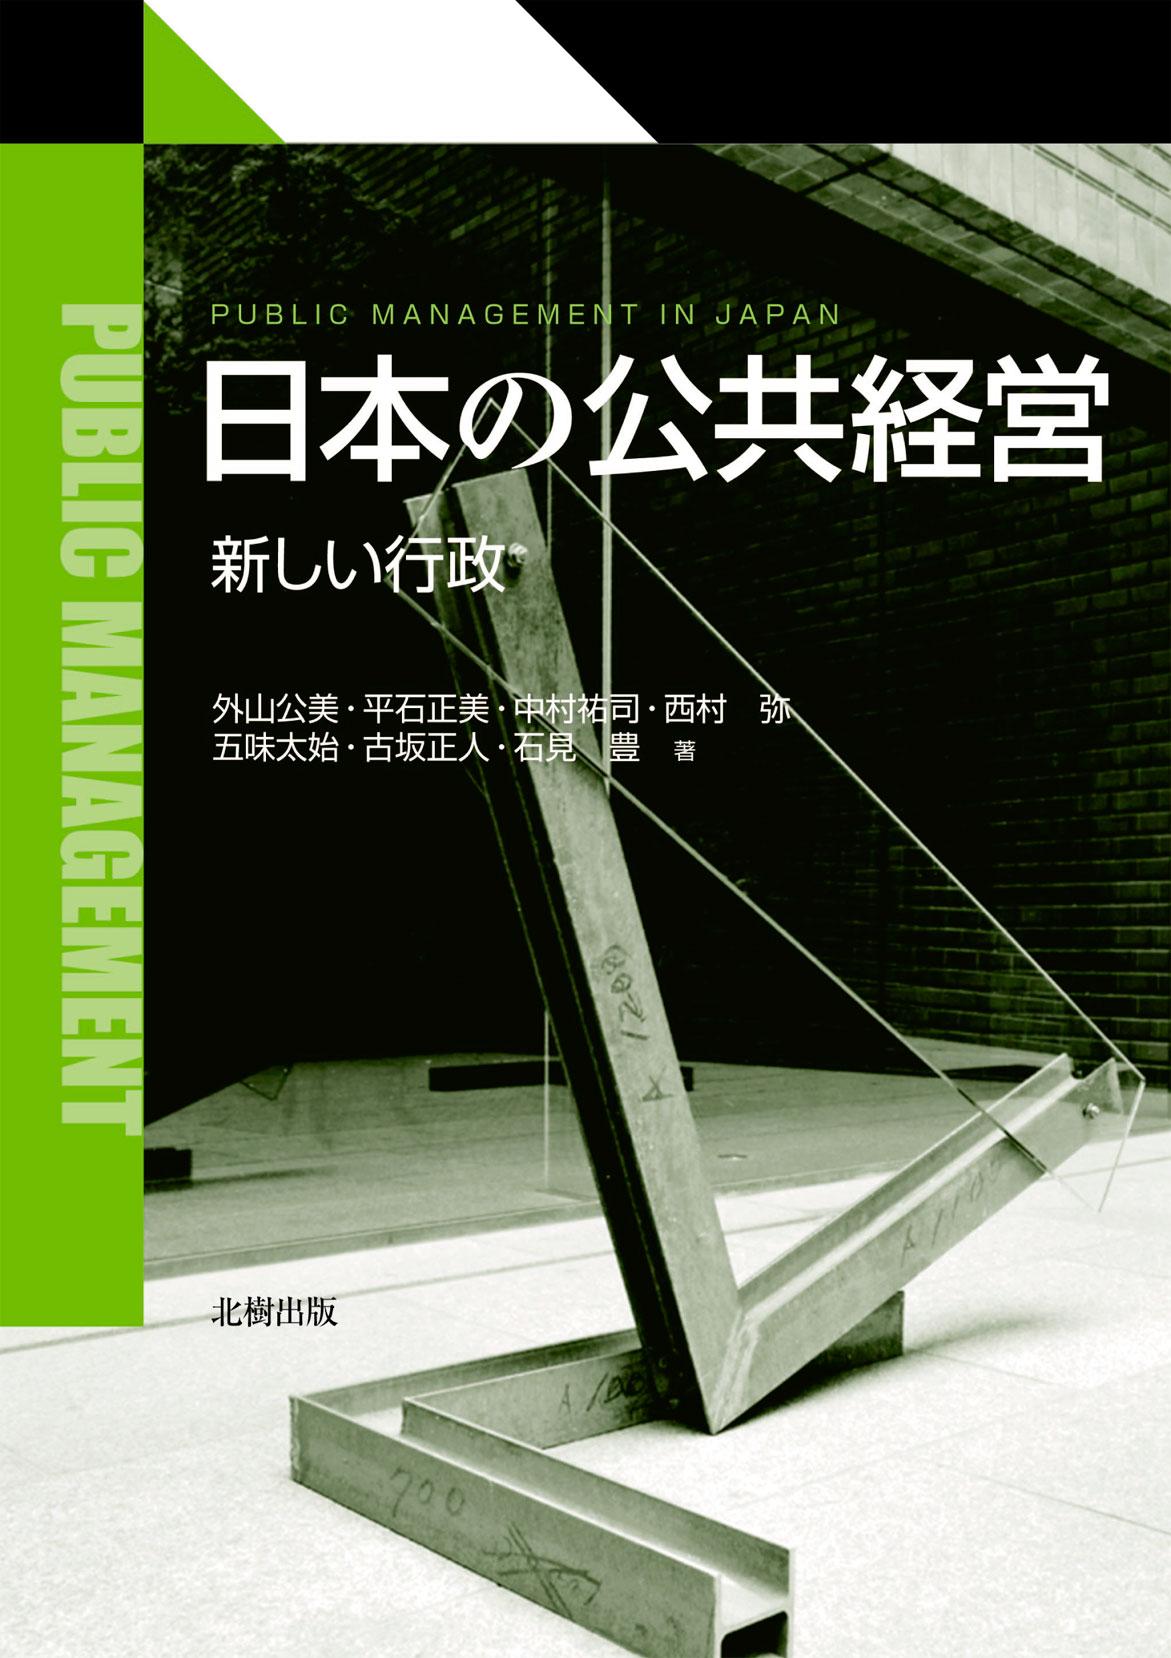 日本の公共経営